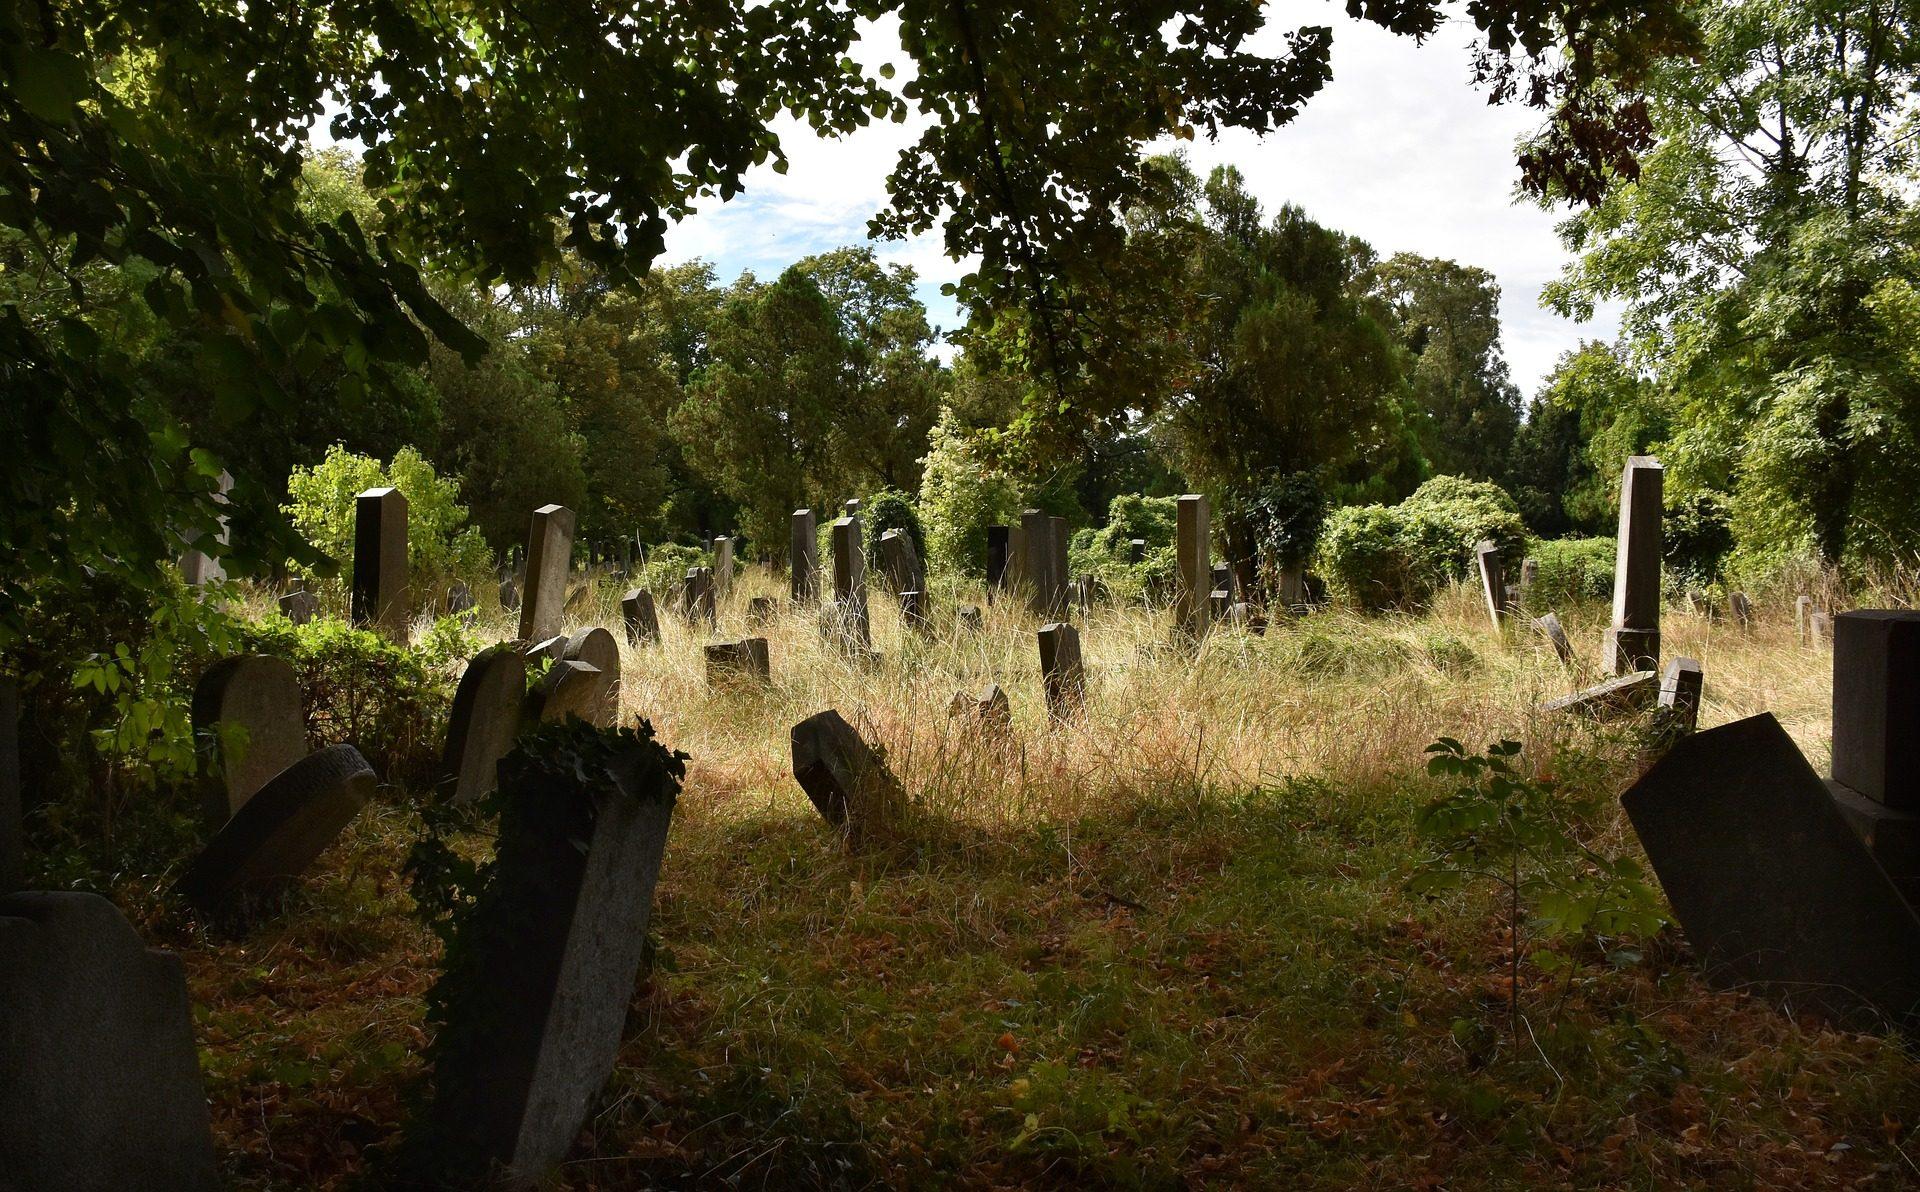 cementerio, campo santo, شواهد القبور, ألواح, المقابر, الغابات - خلفيات عالية الدقة - أستاذ falken.com